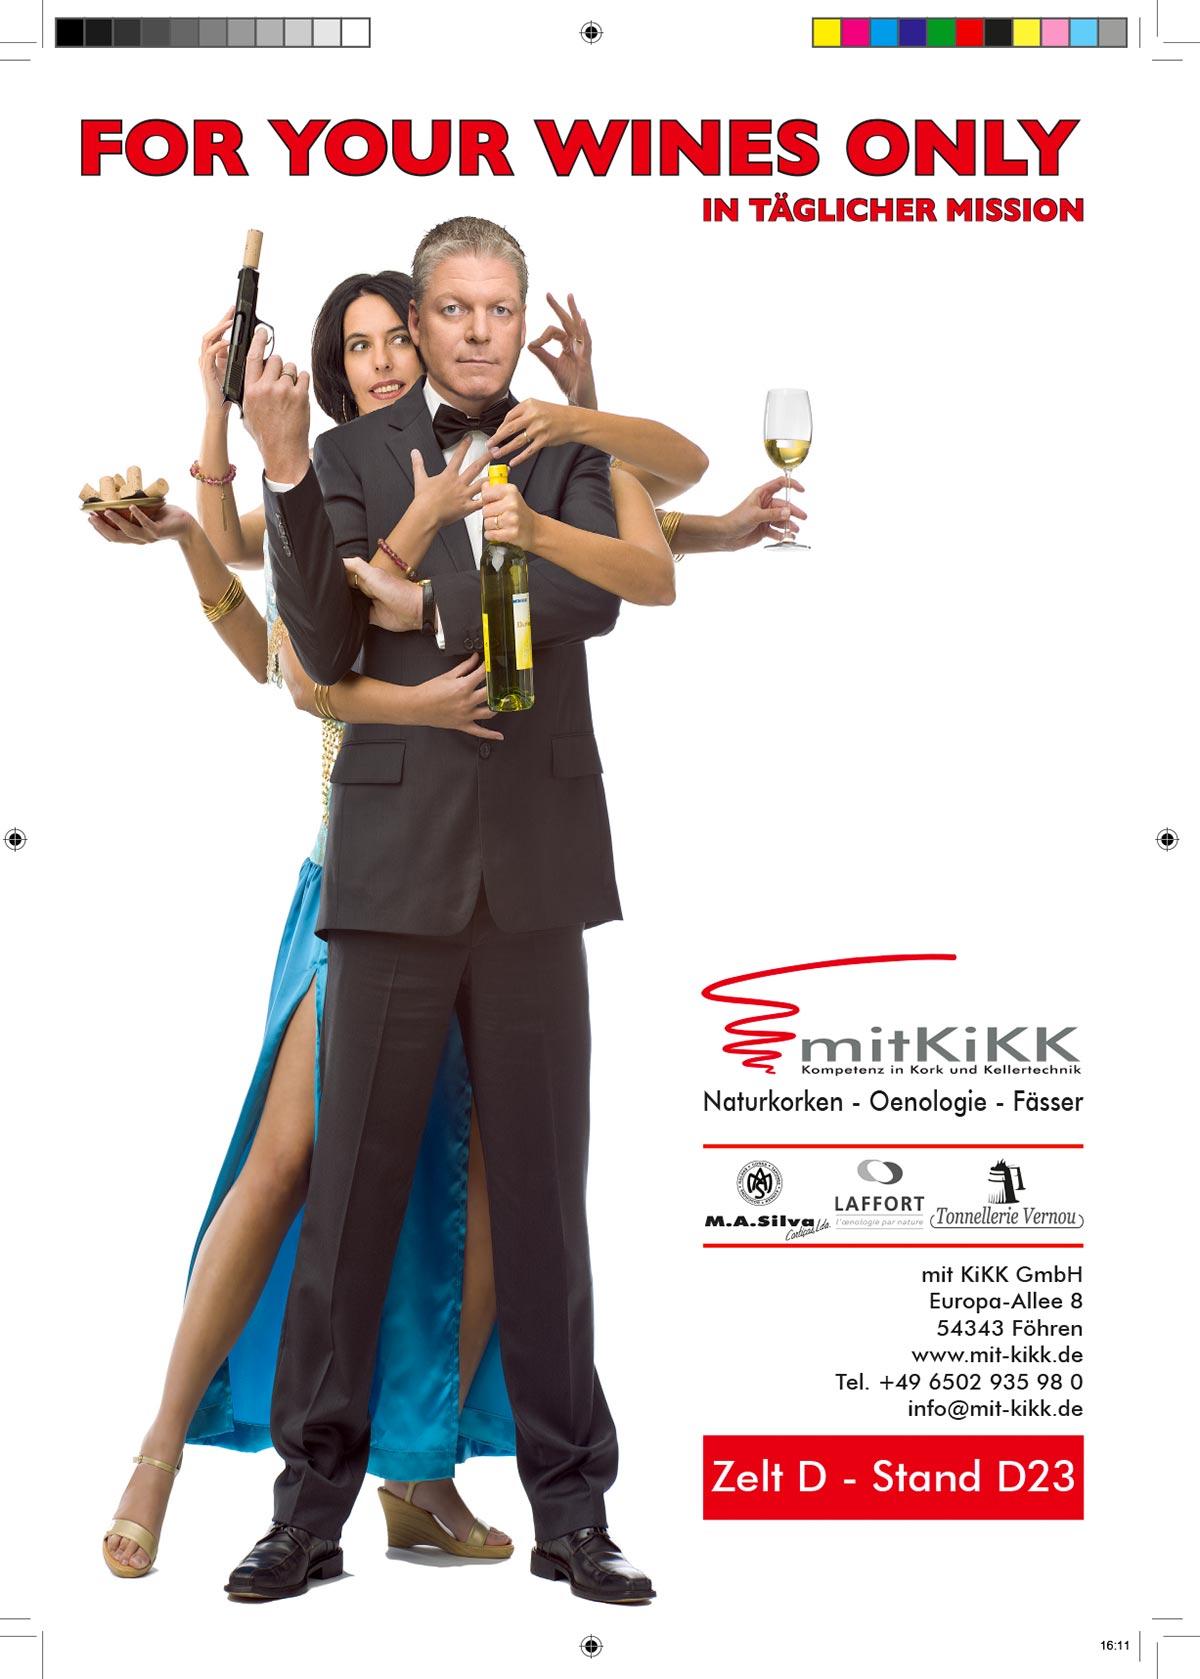 Webekampagne für Mit Kikk GmbH, James Bond und Bond Girl Octopussy, Konzept, Fotografie, Layout: Atelier Yaph Trier